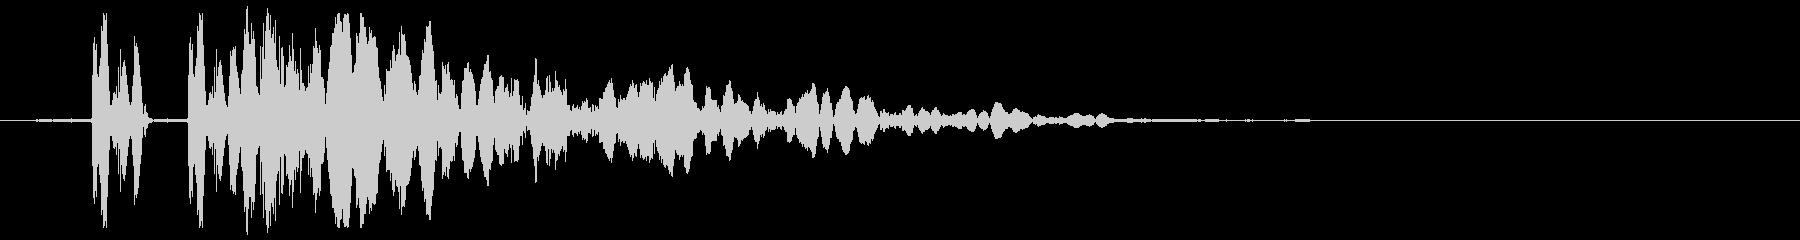 EDM/IDM系の埋もれないバスドラ2bの未再生の波形